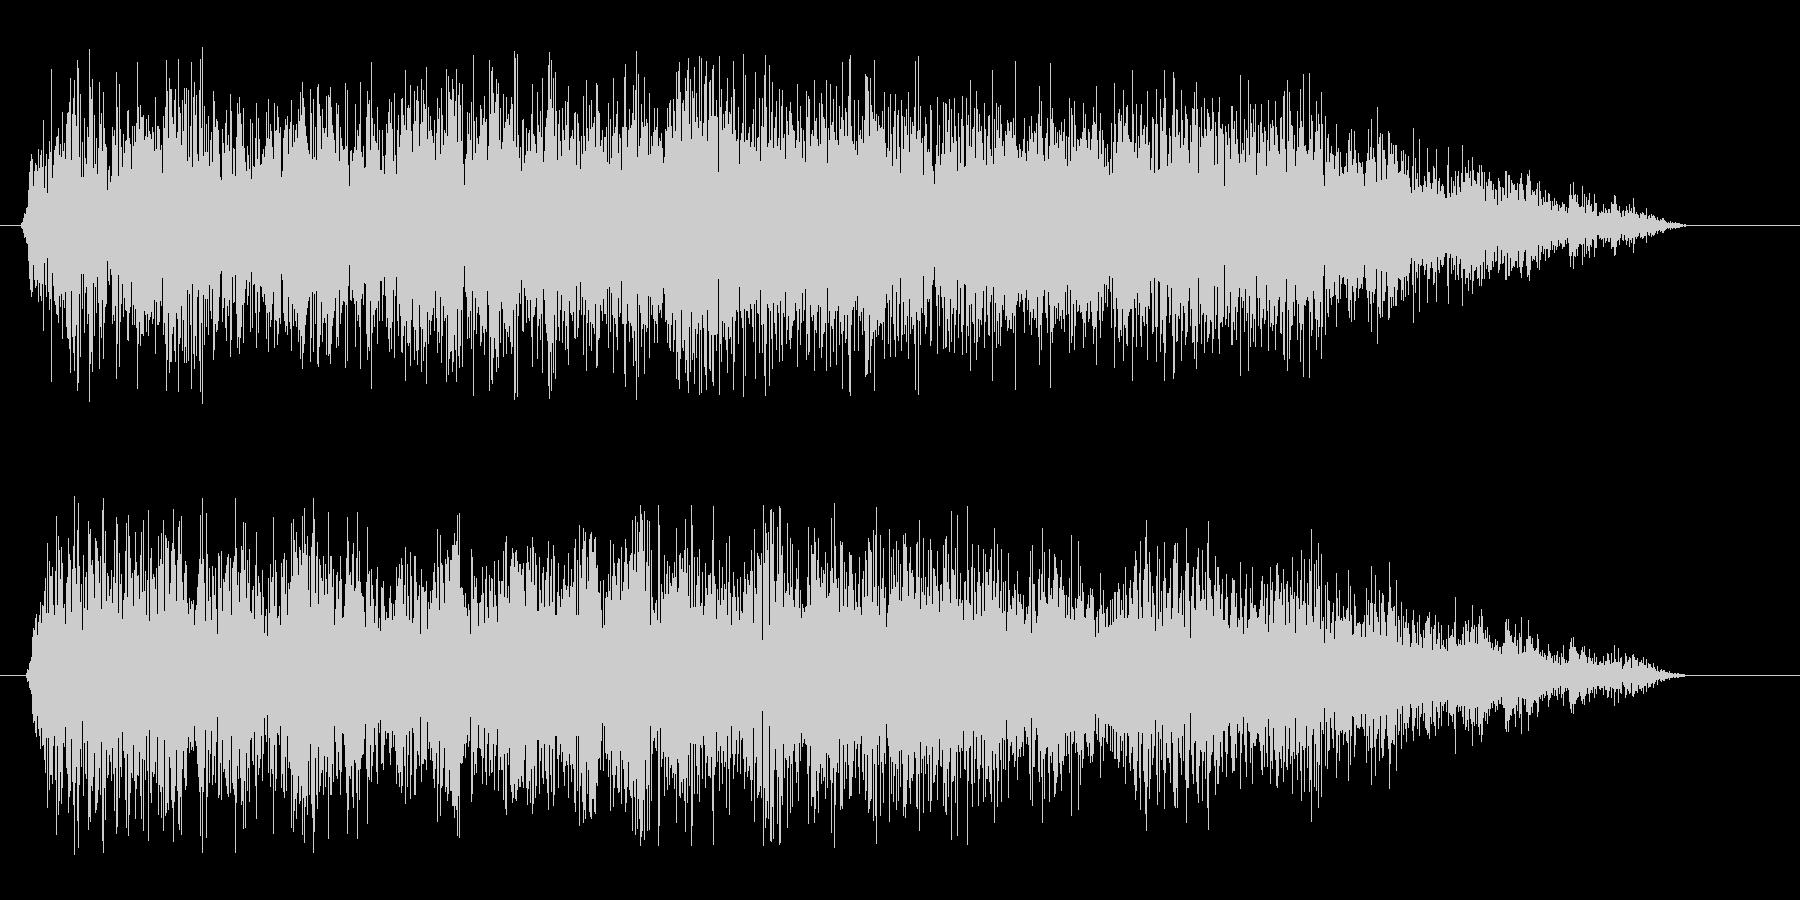 スパン(スネアドラム単発)の未再生の波形